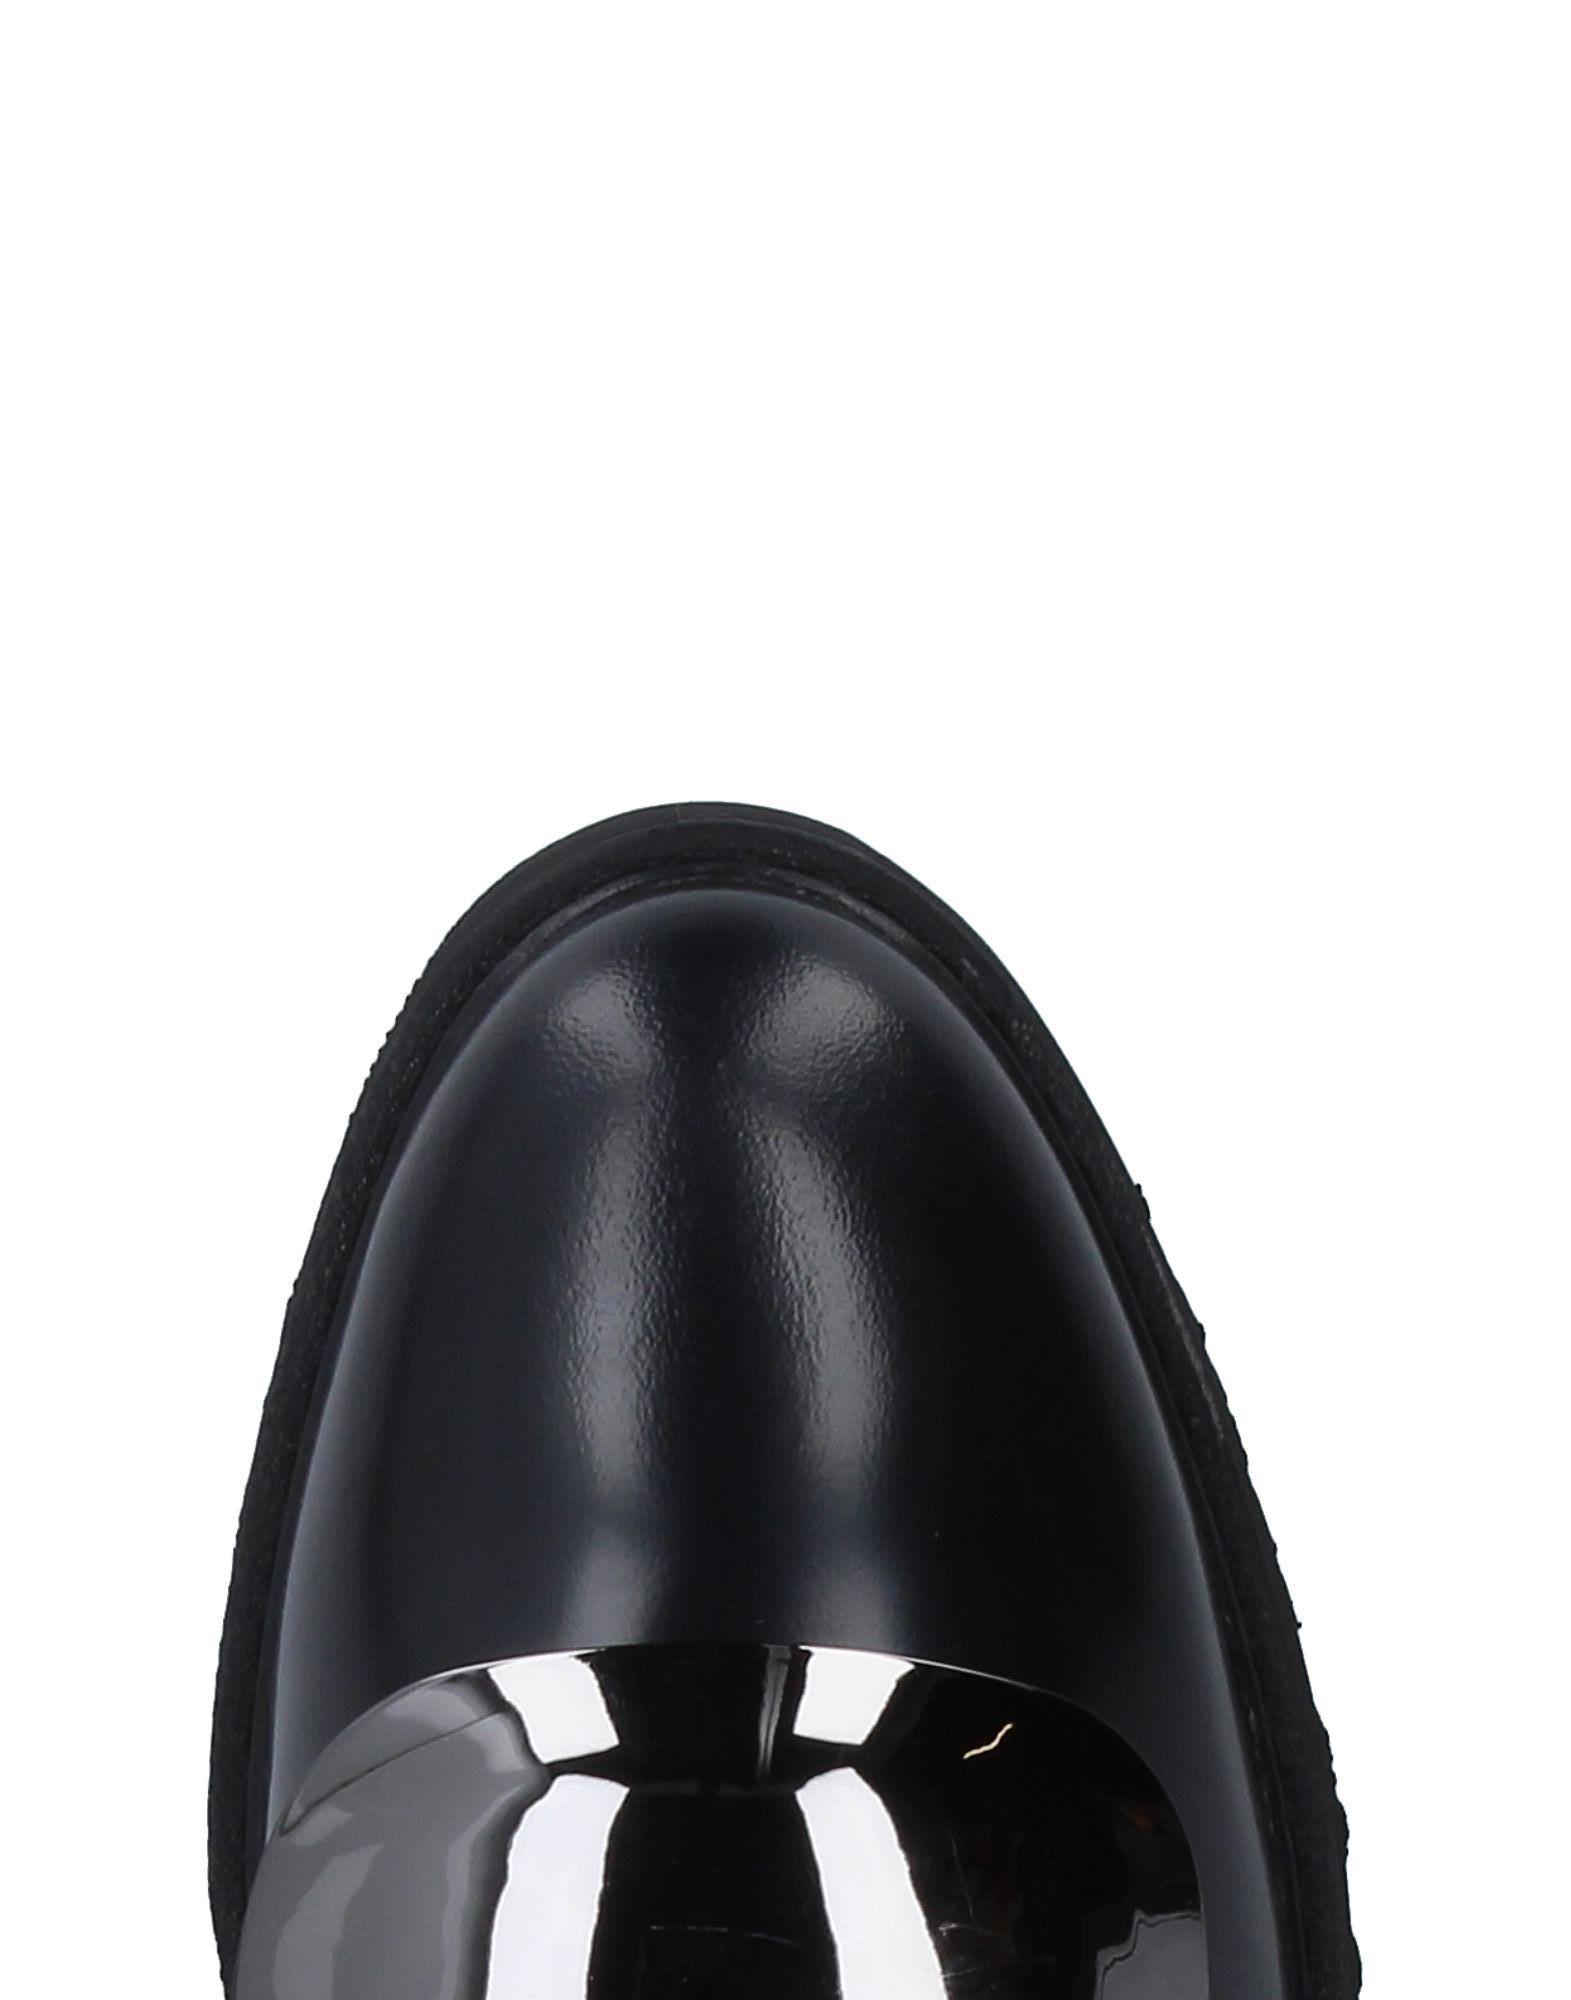 Cult Gute Schnürschuhe Damen  11219128KR Gute Cult Qualität beliebte Schuhe 97cff6